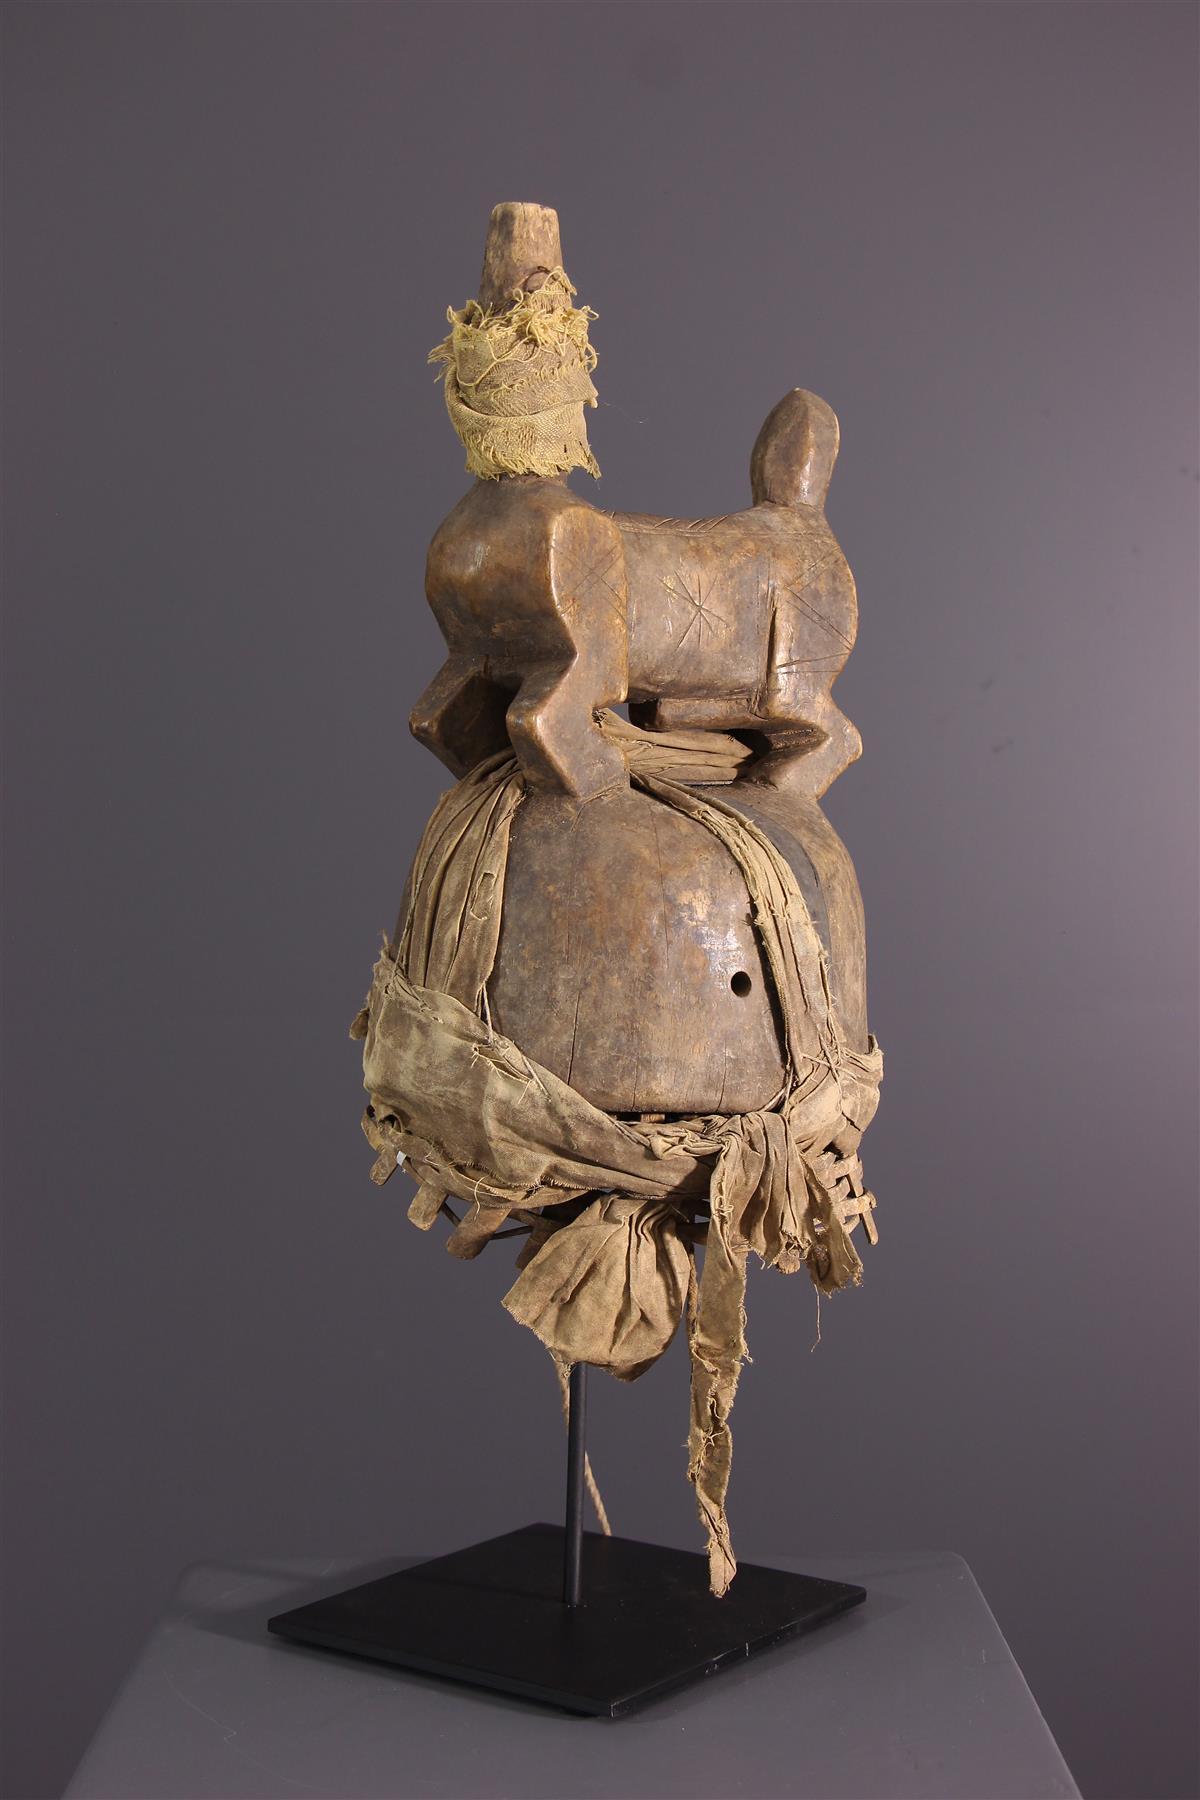 Dogon headdress - Tribal art